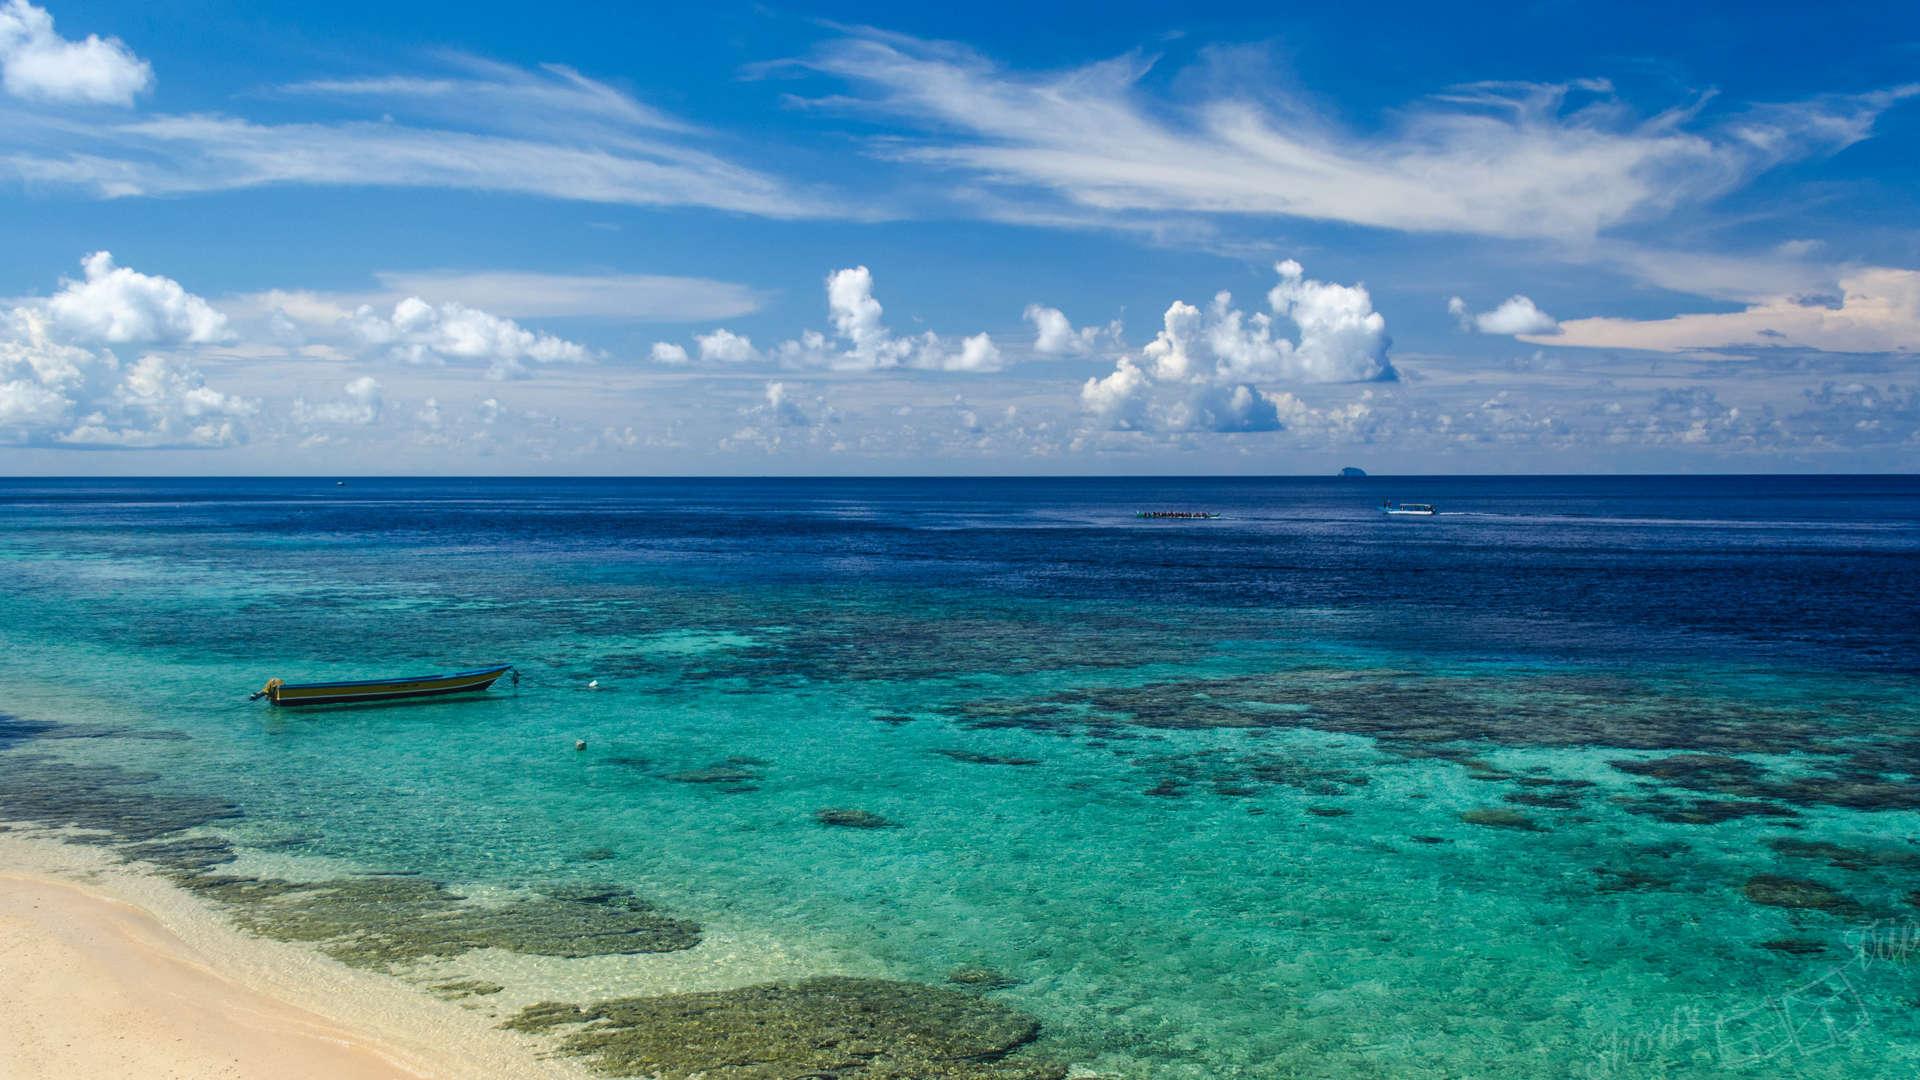 pulau ai, pulau ay, ai ay, ai island, ay island, banda islands, snorkel island ai, best snorkel indonesia, shark snorkel, shark diving